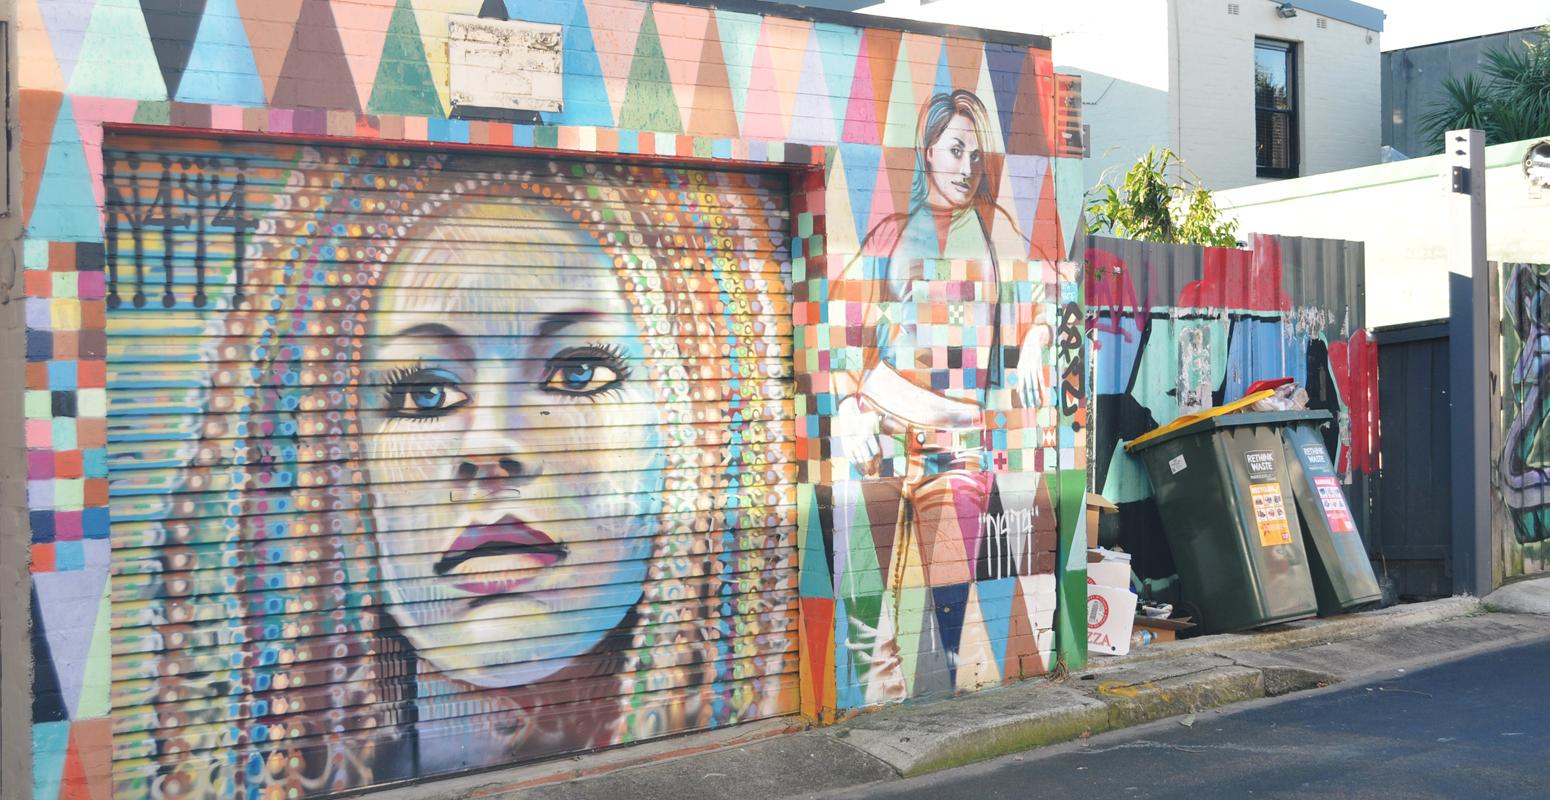 アート 壁 女性